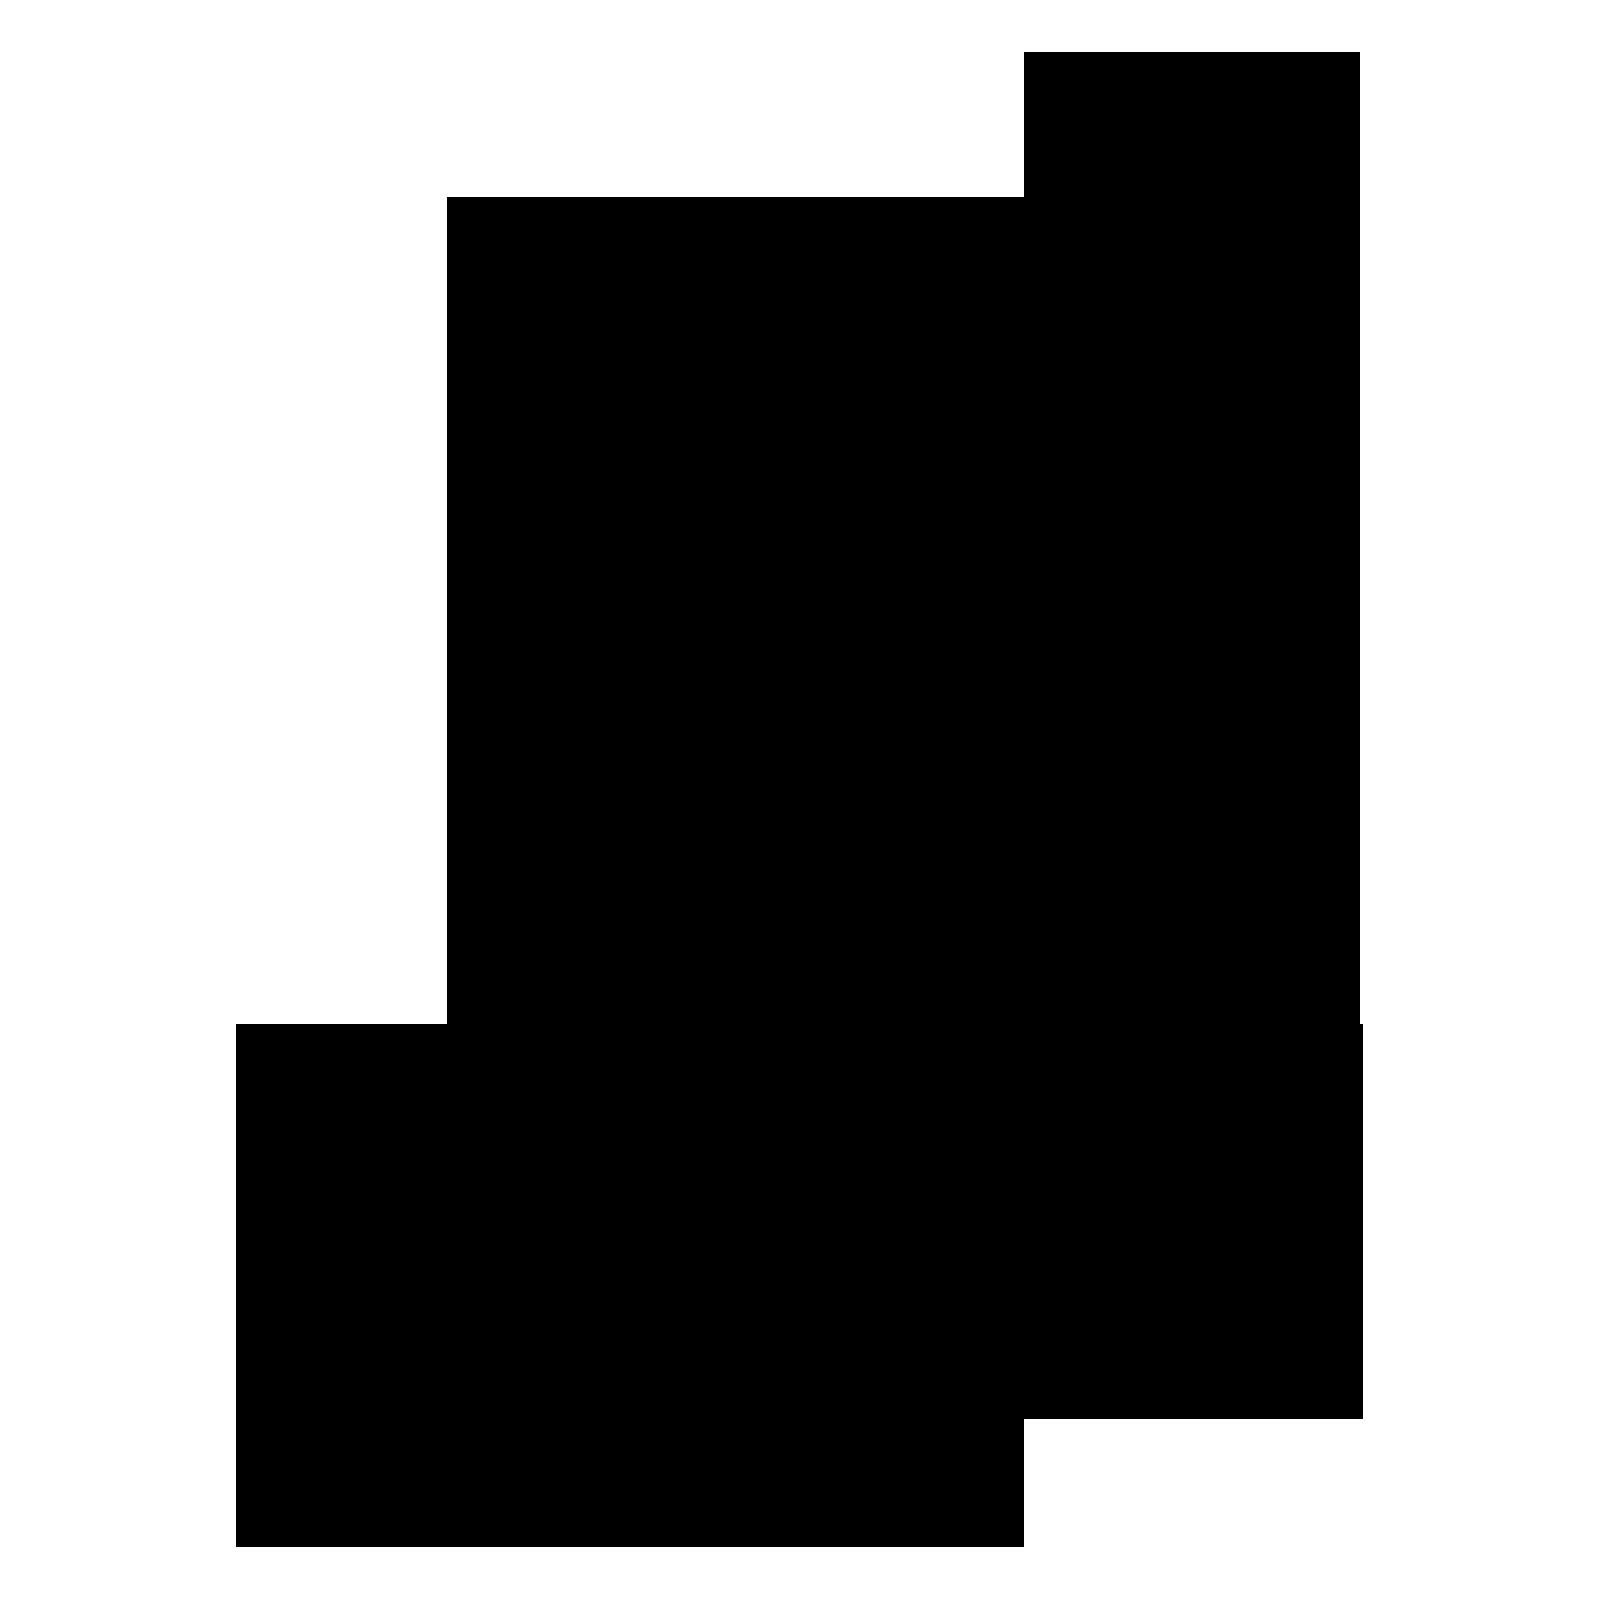 Black Iconmark